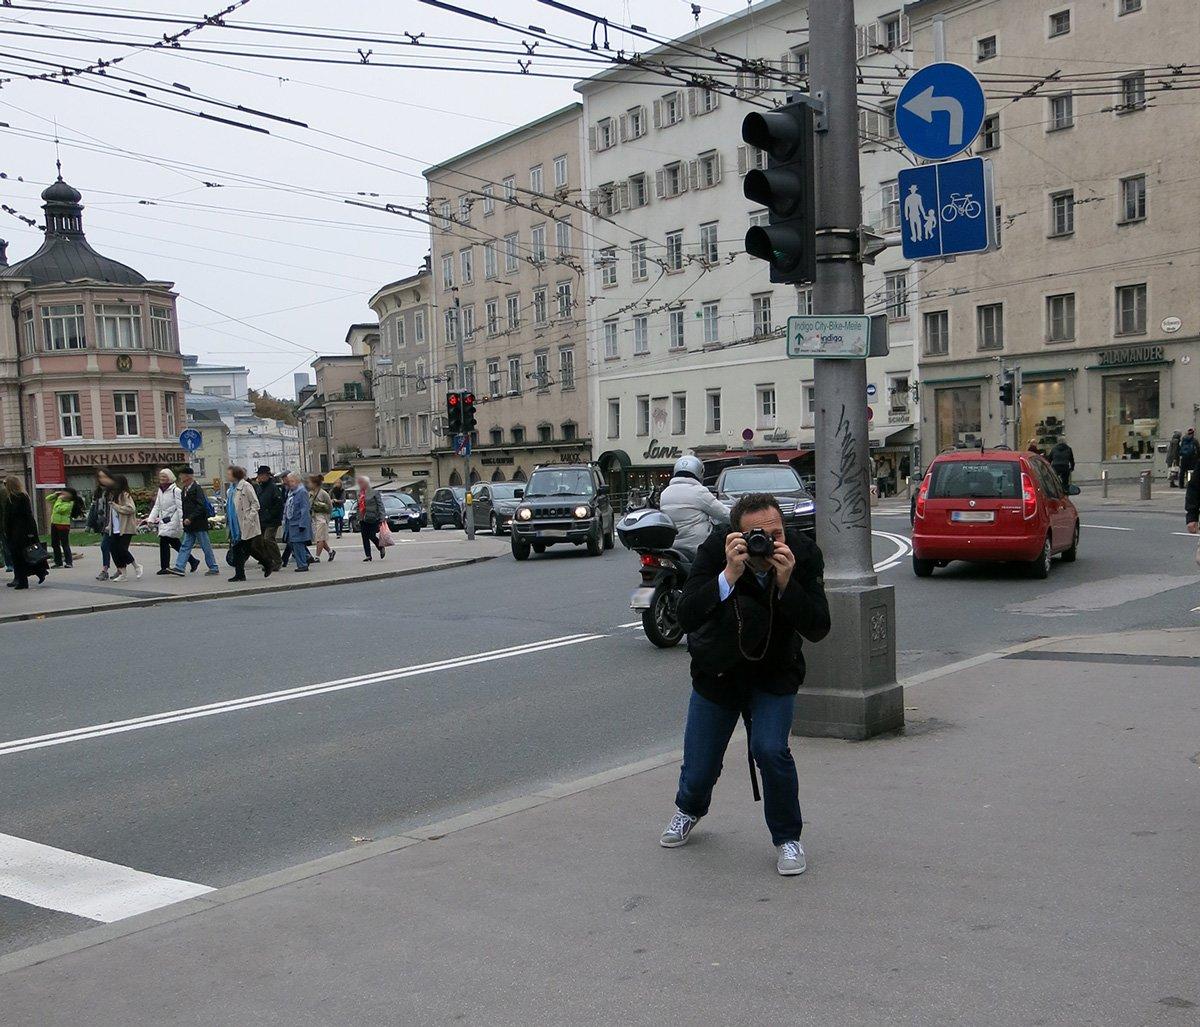 Salzburg, Sightseeing, Ausflug, Wochenende, Conny Doll, Sehenswürdigkeiten, der Fotograf beim Fotografieren